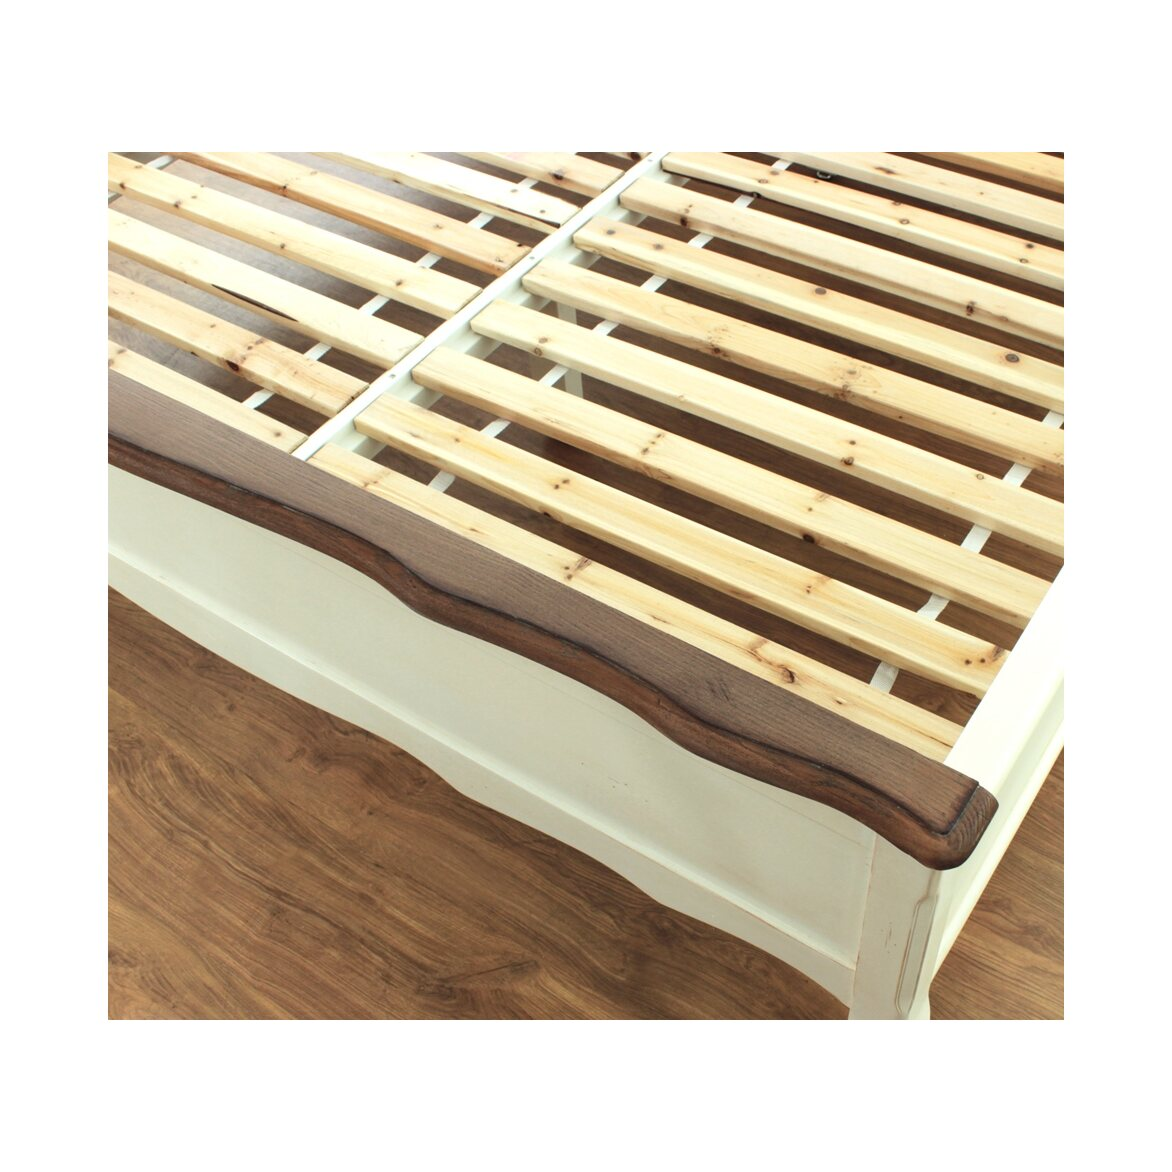 Кровать 140*200 Leontina, бежевого цвета 3 | Односпальные кровати Kingsby